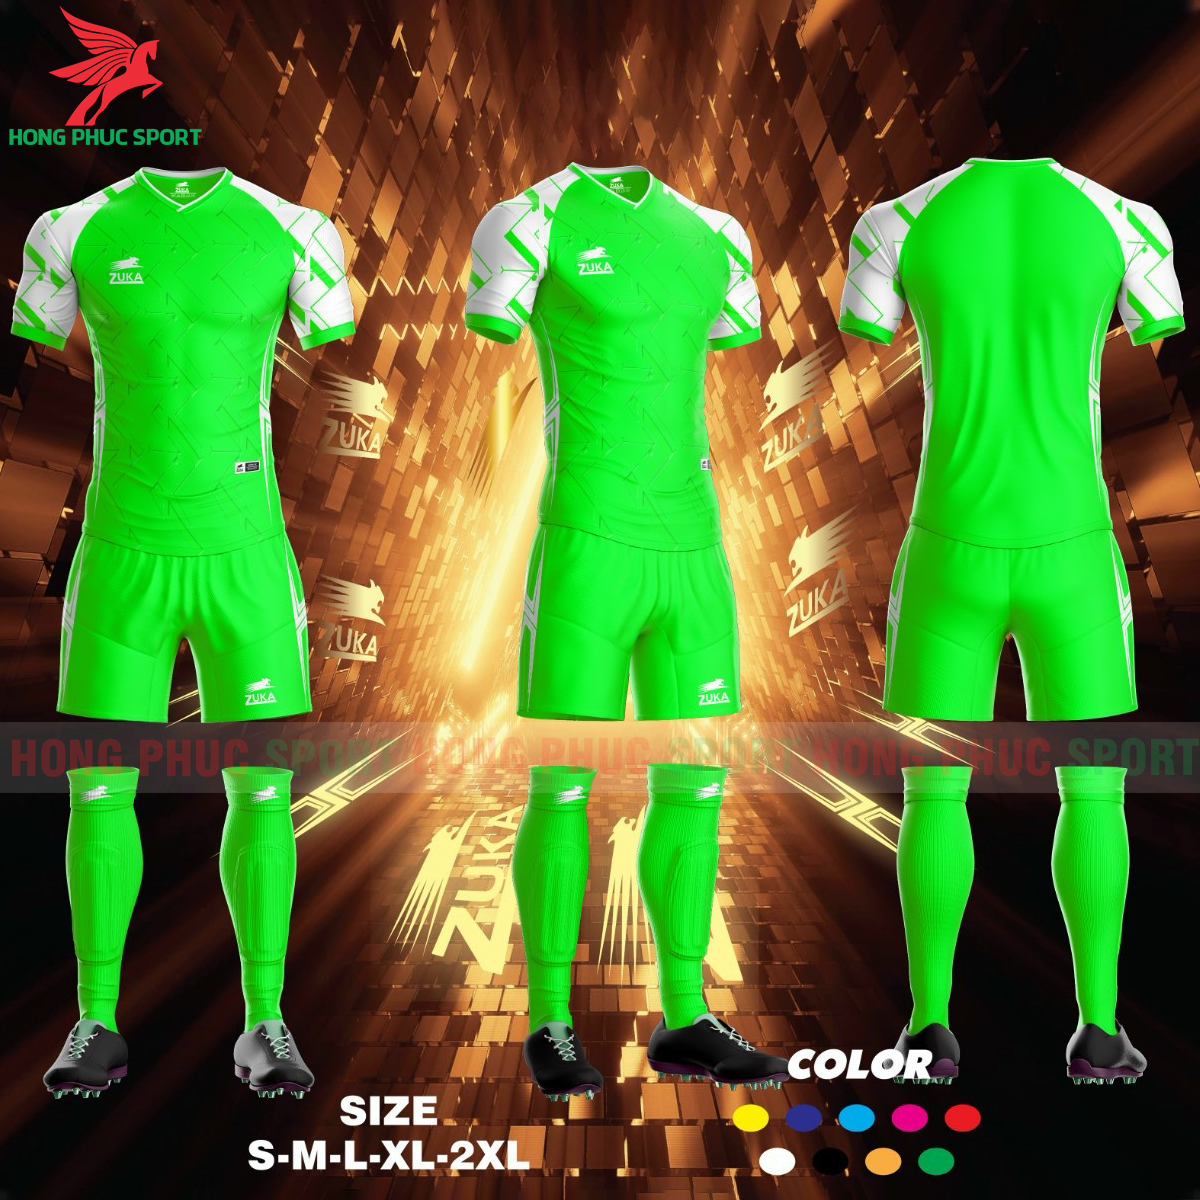 Áo đá banh không logo ZUKA SPF012021 màu xanh lá